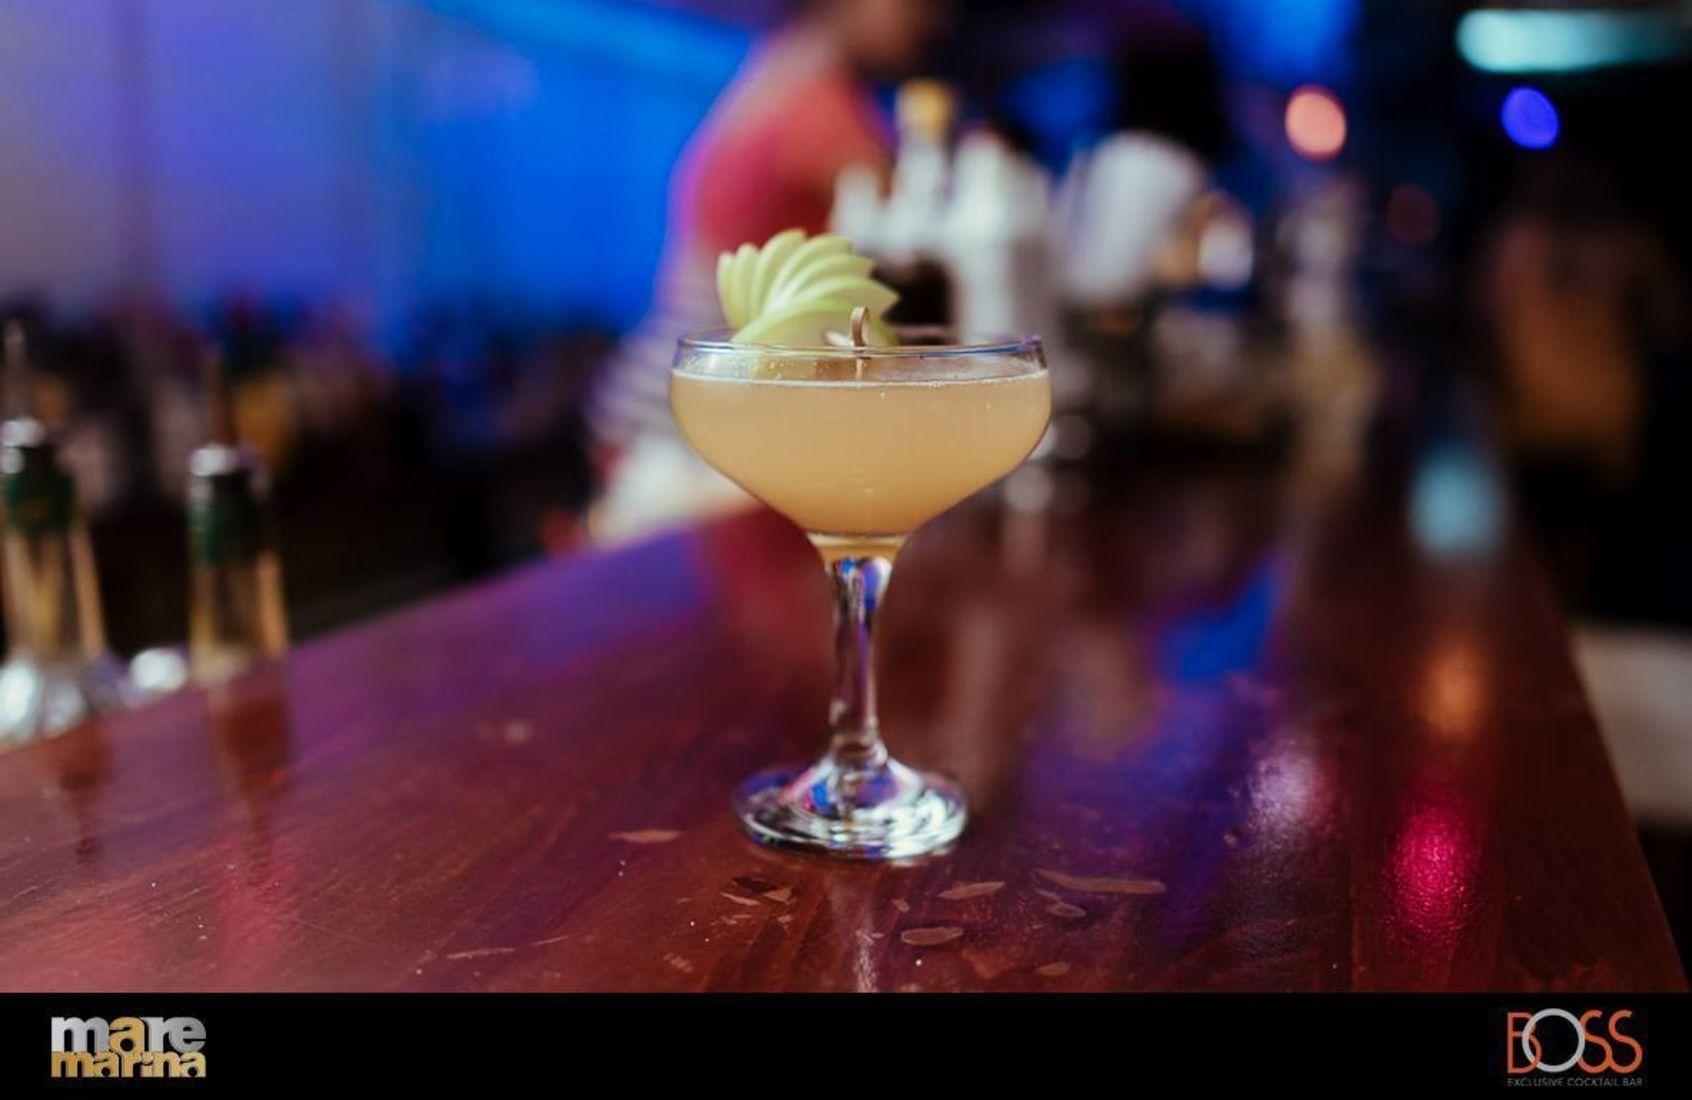 Relaxing after a long day!  Boss Exclusive Bar Mαρίνα Φλοίβου Κτίριο 6-Παλαιό Φάληρο info@maremarina.gr www.maremarina.gr #MarinaFloisvou #Taste #food#Taste#Mood#bonappetit# #Cafe   #Cocktails   #Pamebossexclusivecooctailbar